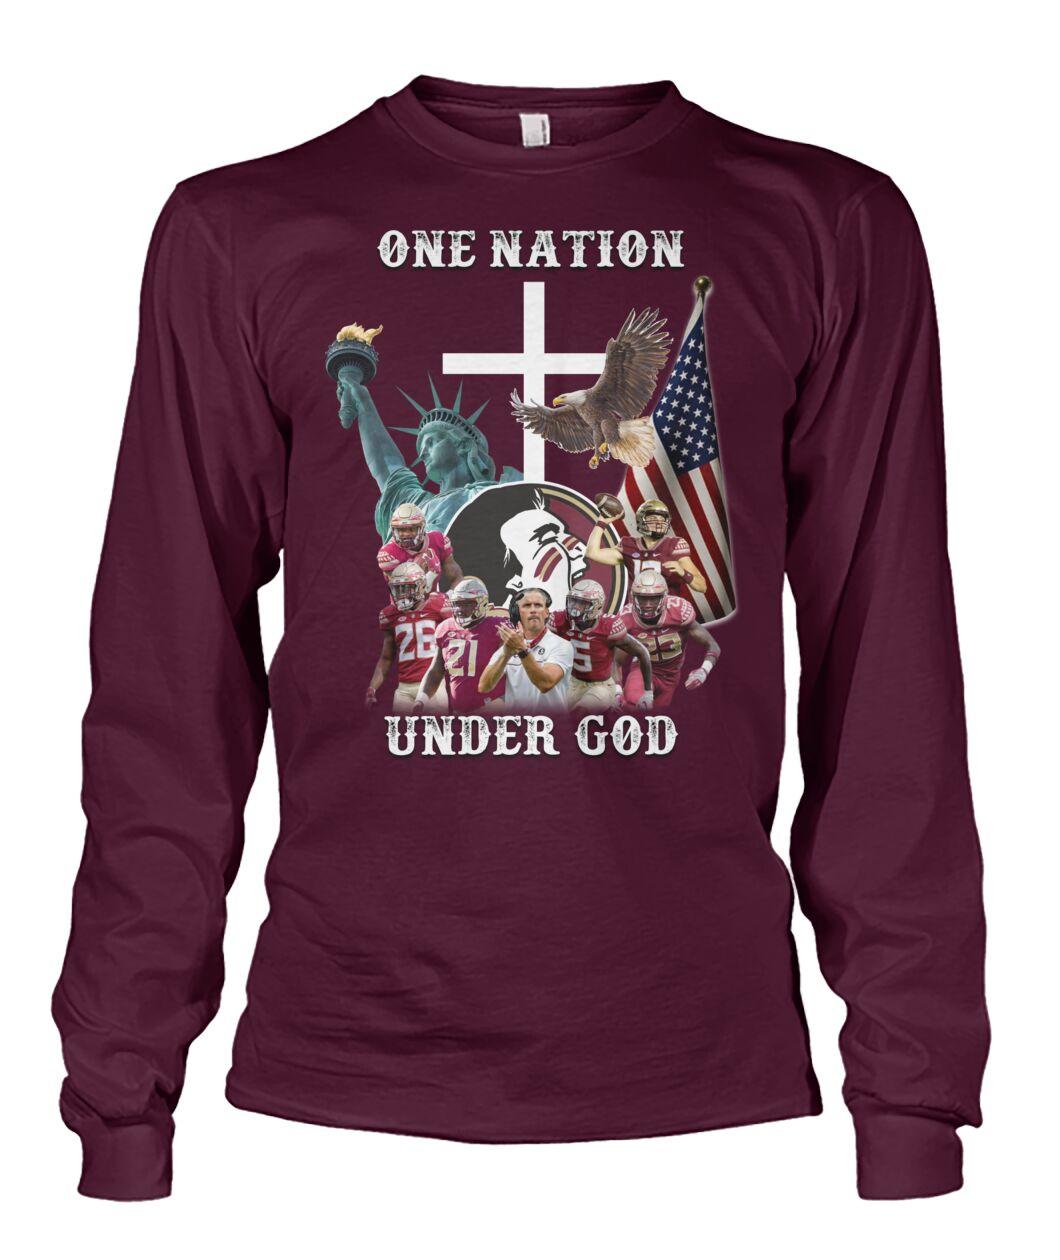 Washington Redskins One nation under god shirt 13